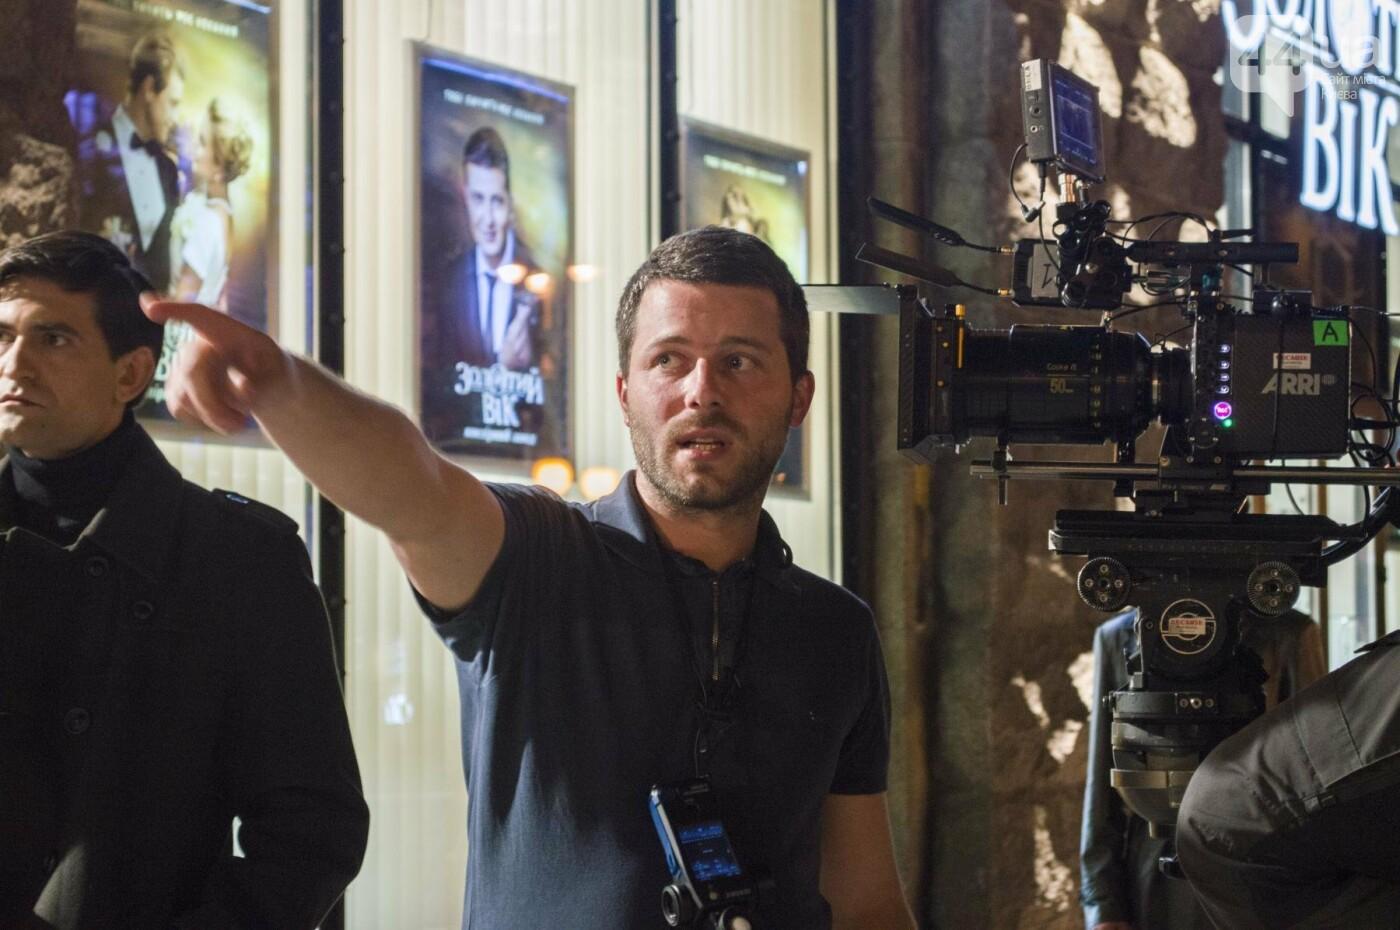 В Киеве снимают фильм об известном украинце: эксклюзивные закулисные фото, фото-9